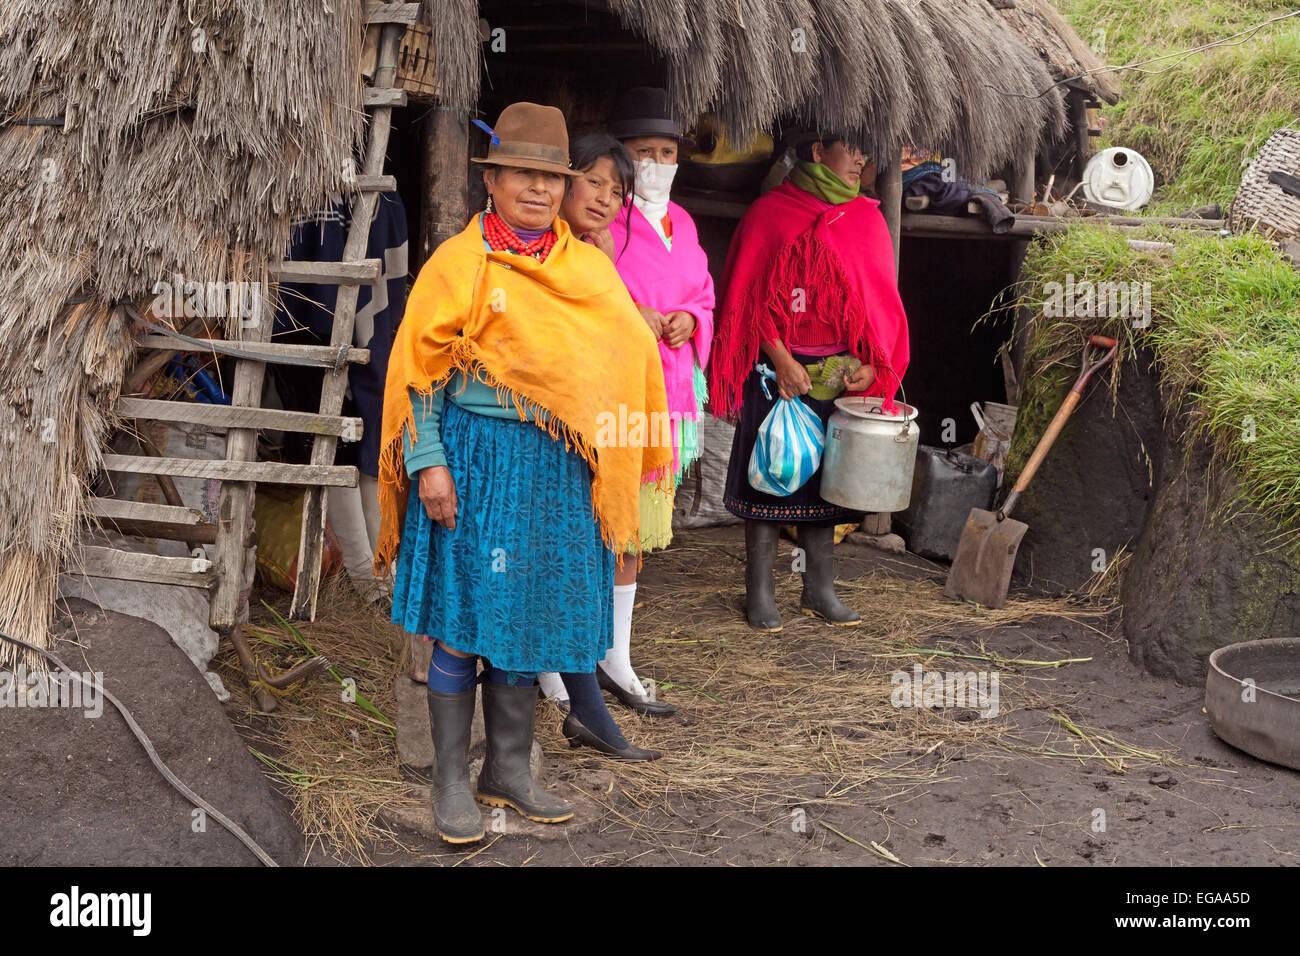 La famille autochtones Province de Cotopaxi Équateur Quilotoa Photo Stock